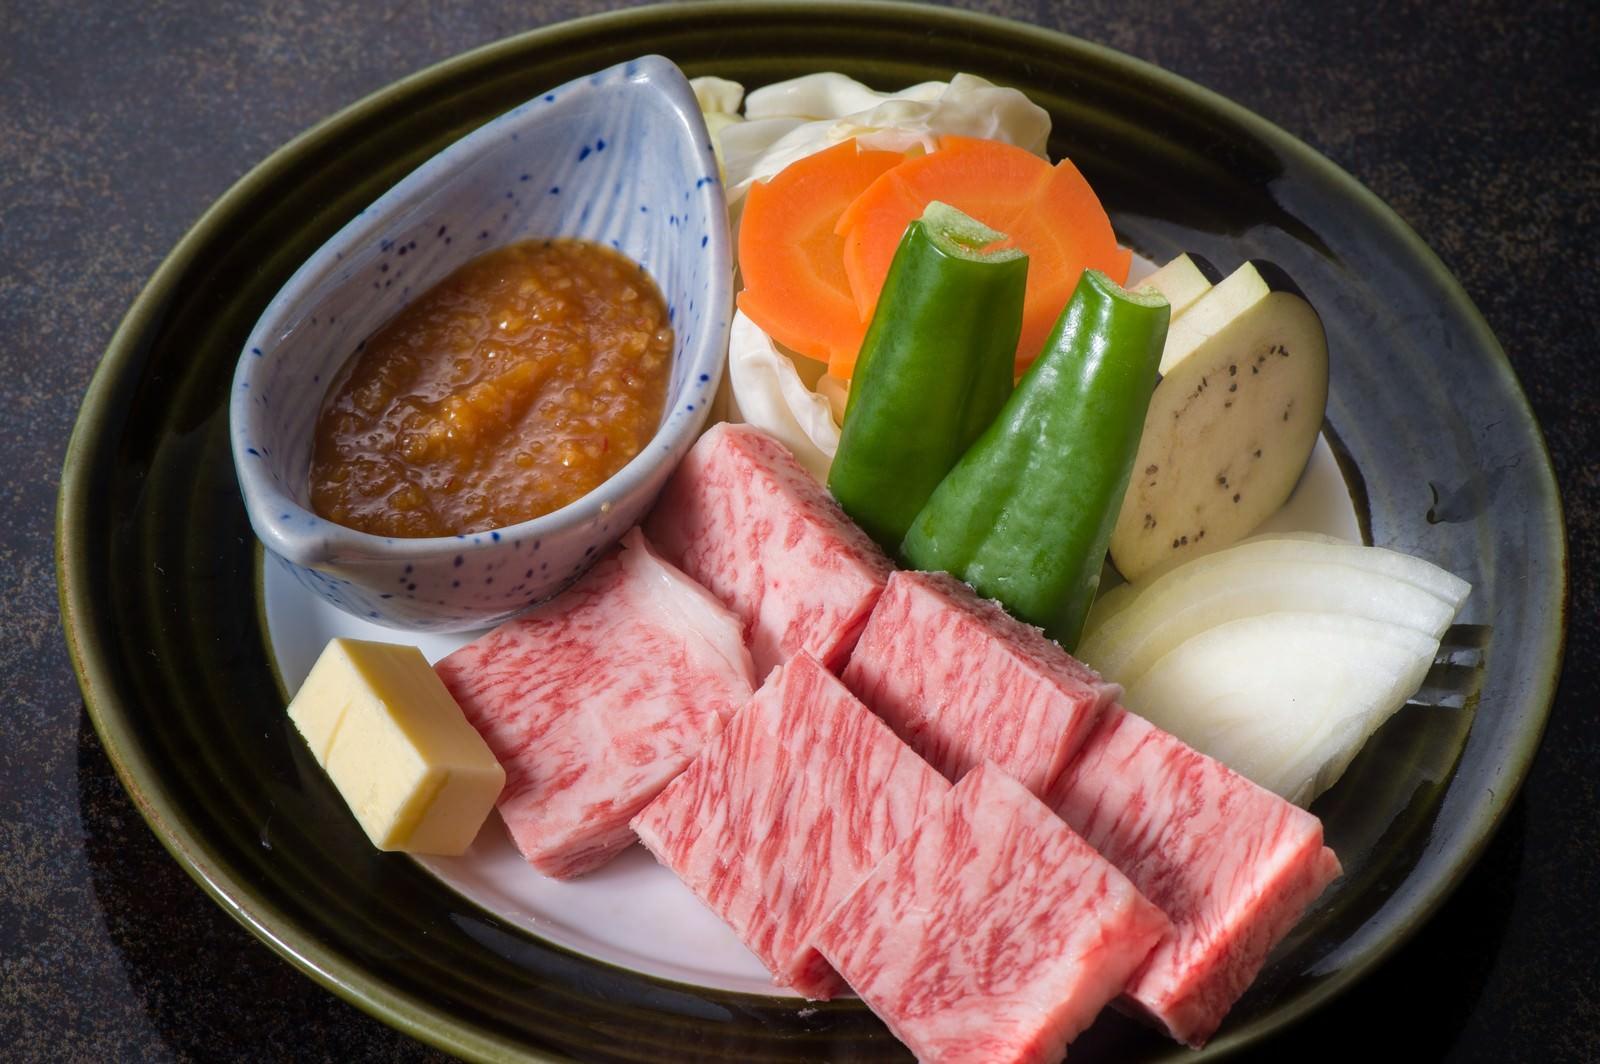 「極上のA5ランク飛騨牛サーロインステーキを味噌で食べるのが栄太郎の流儀」の写真